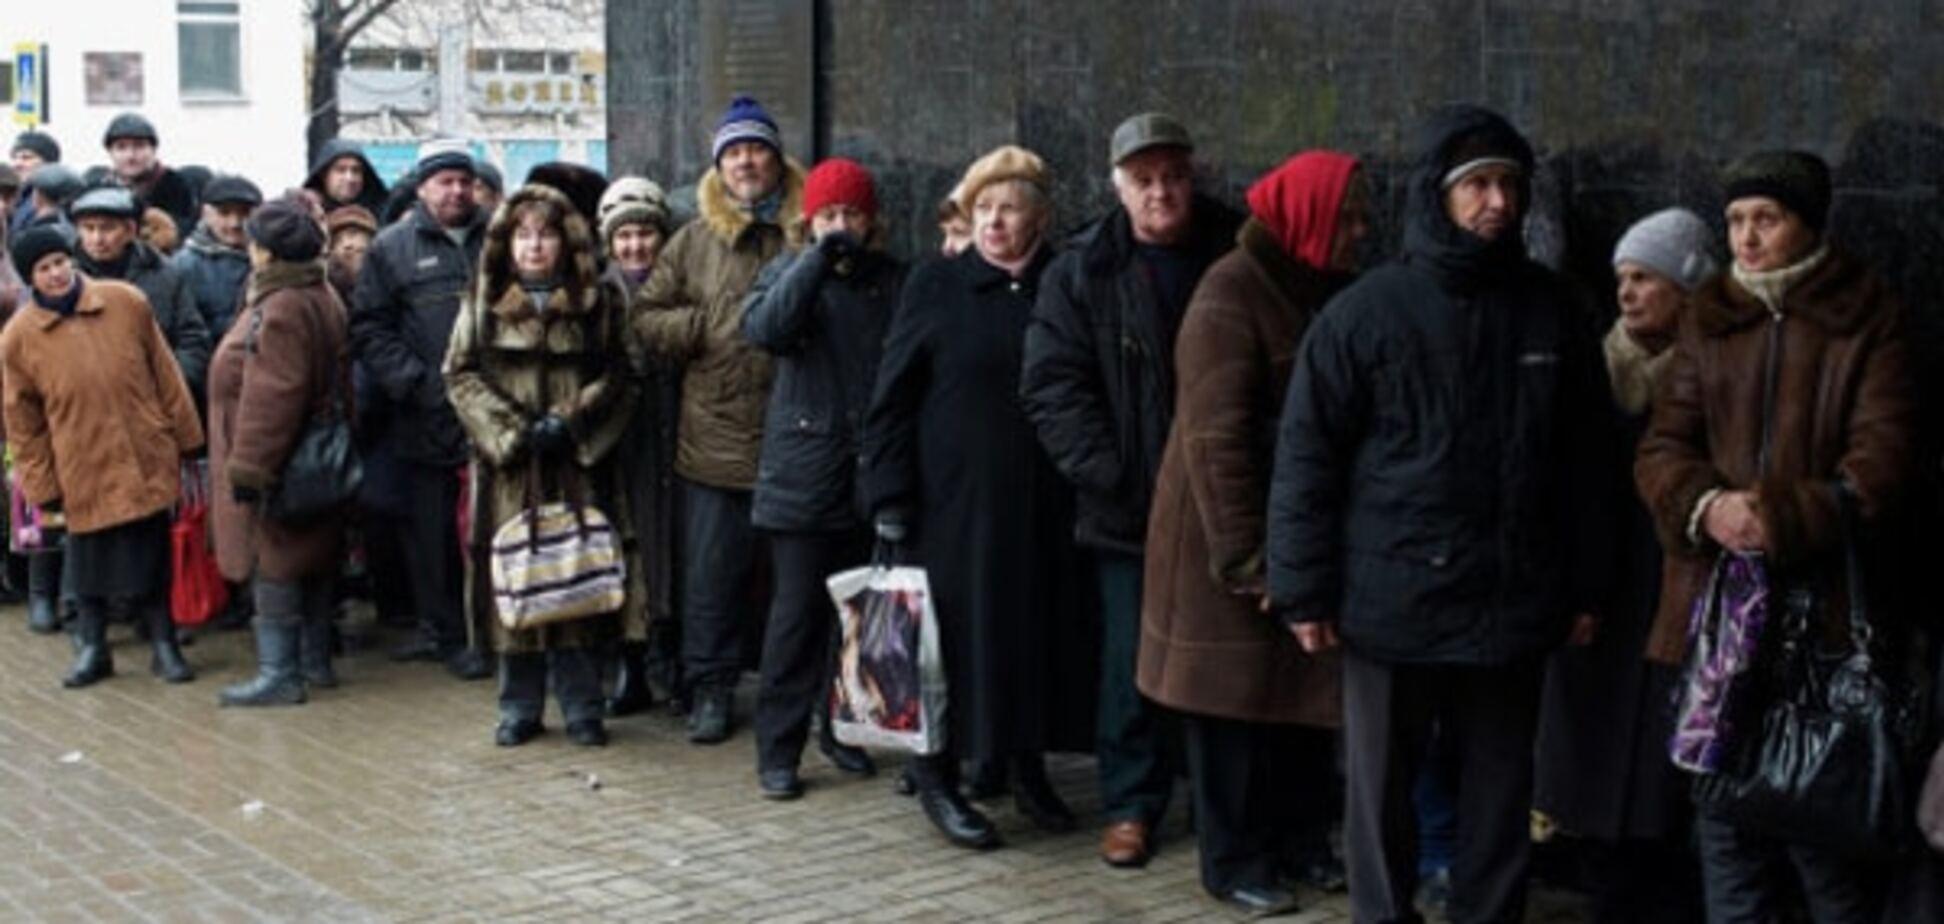 Пенсий не будет: Донбасс остается без соцвыплат